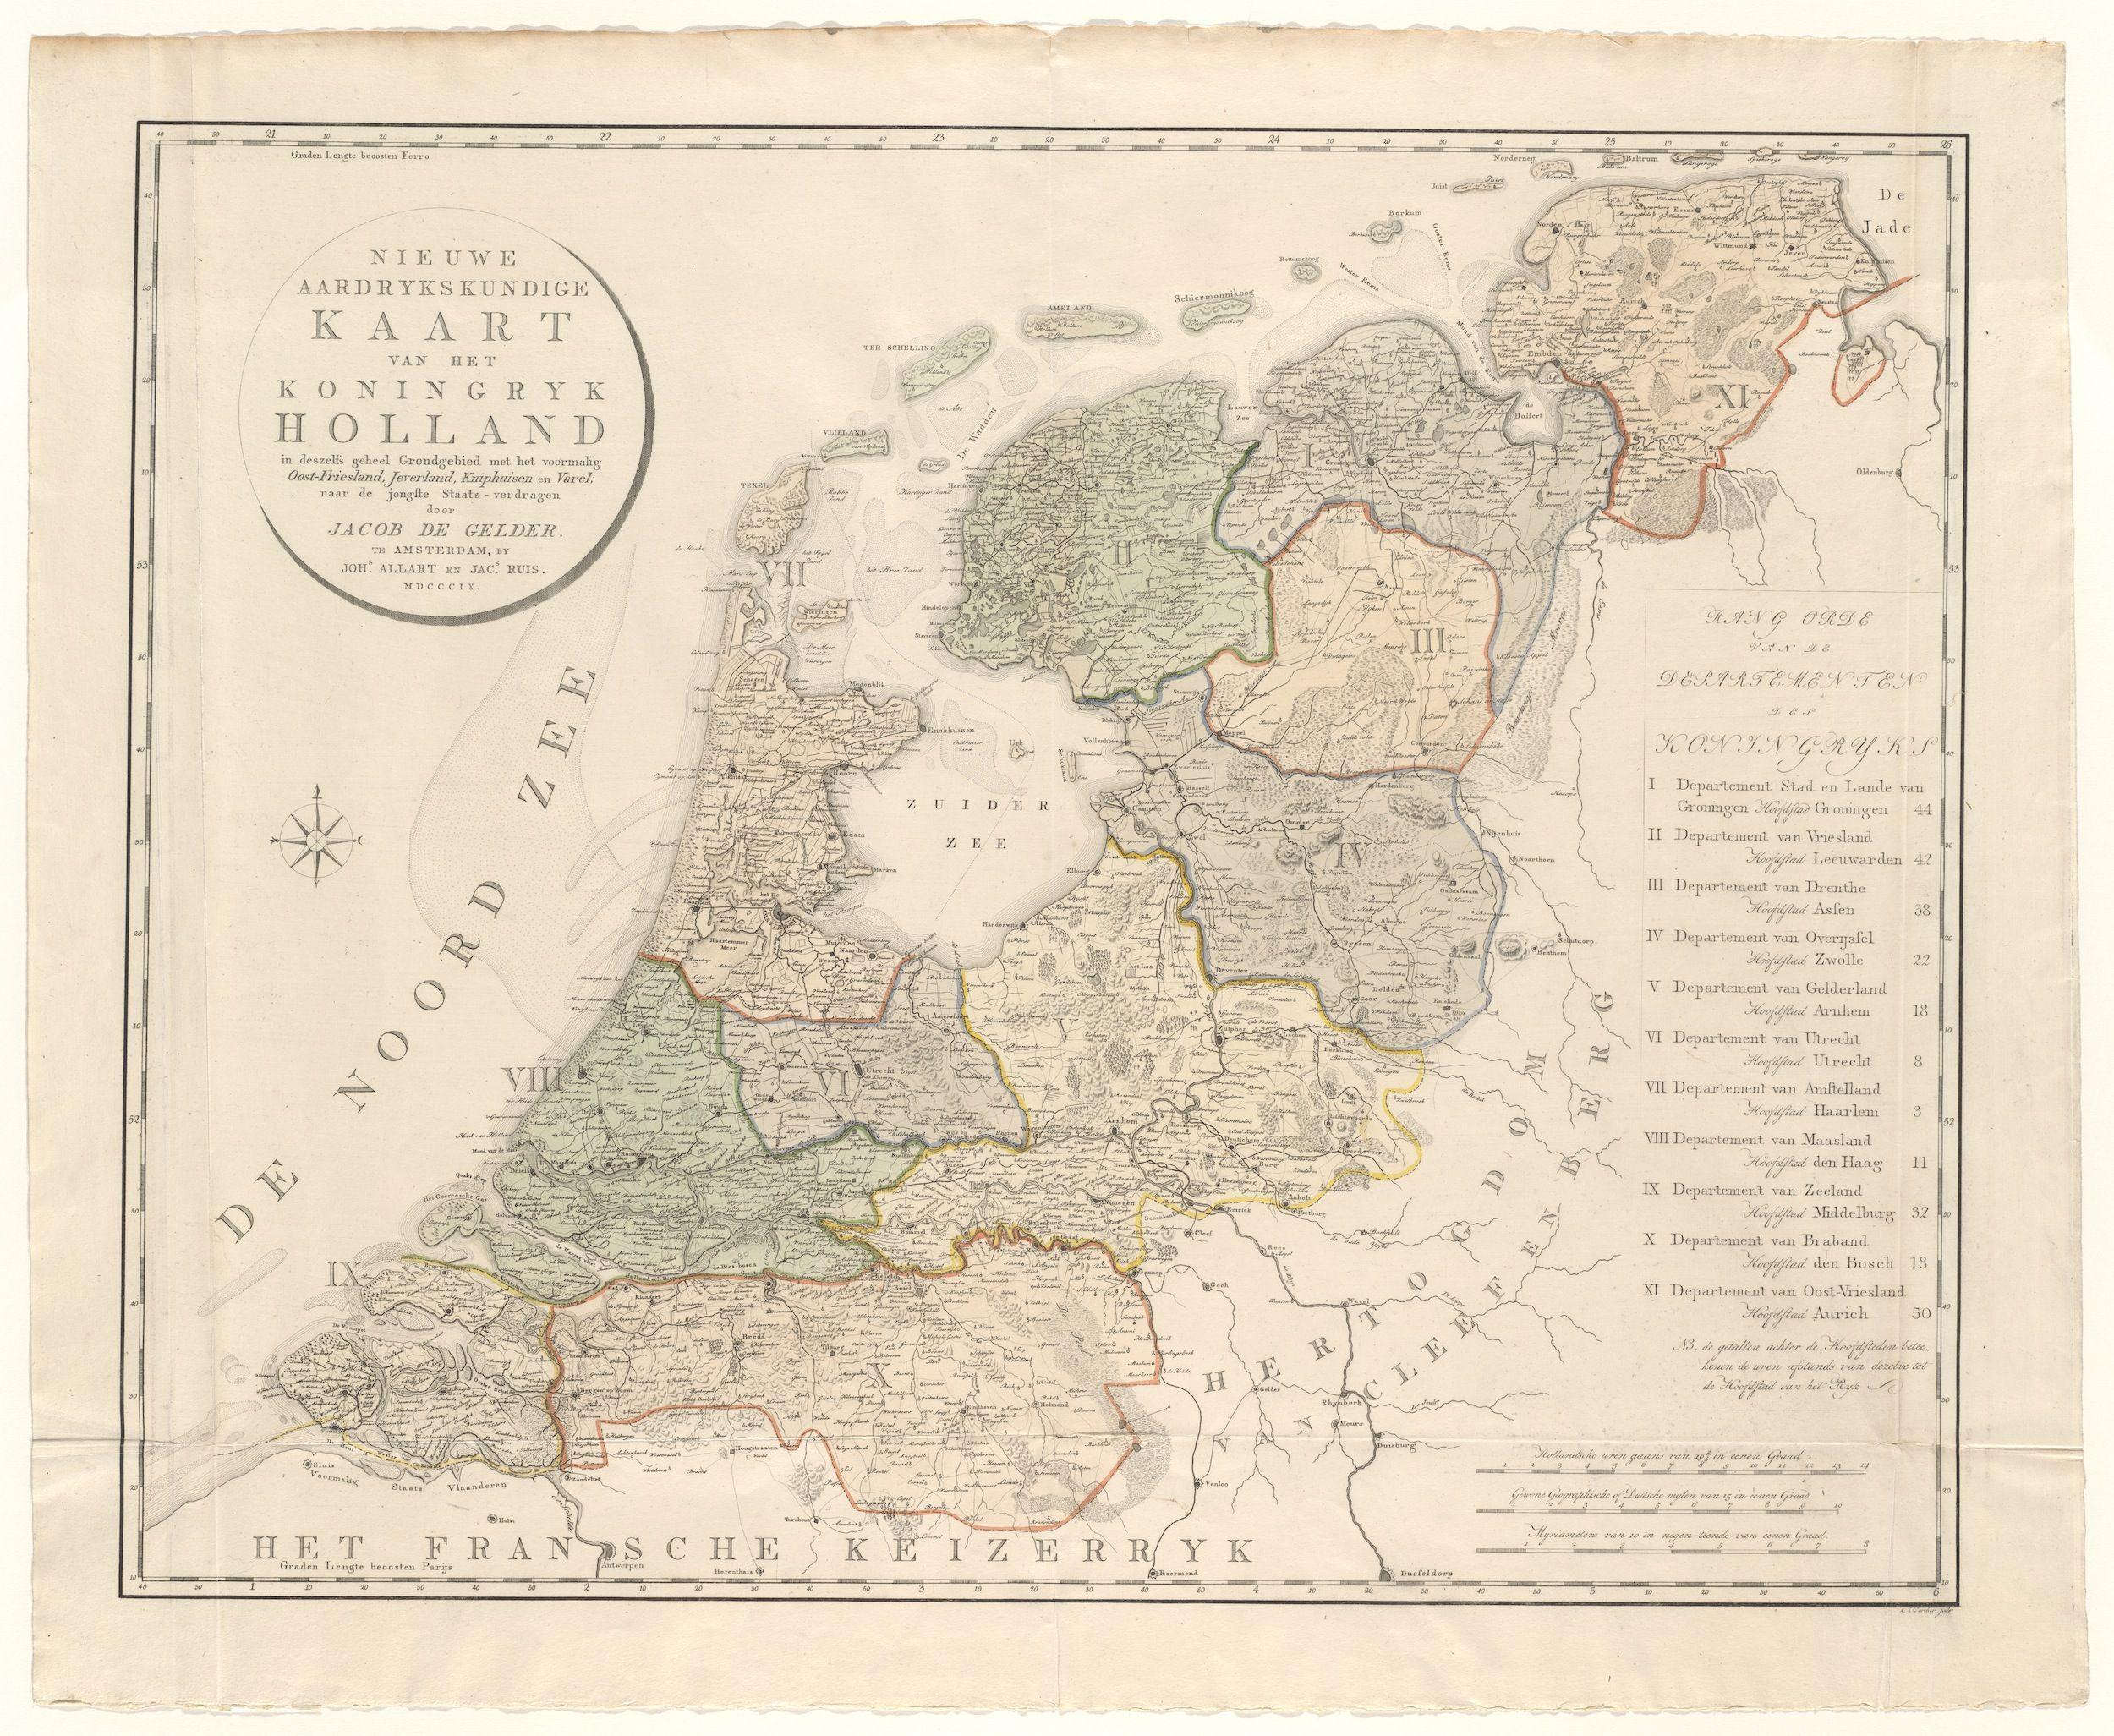 Koninkrijk Holland door Jacob de Gelder, uitgave Johannes Allart en Jacobus Ruys, 1809